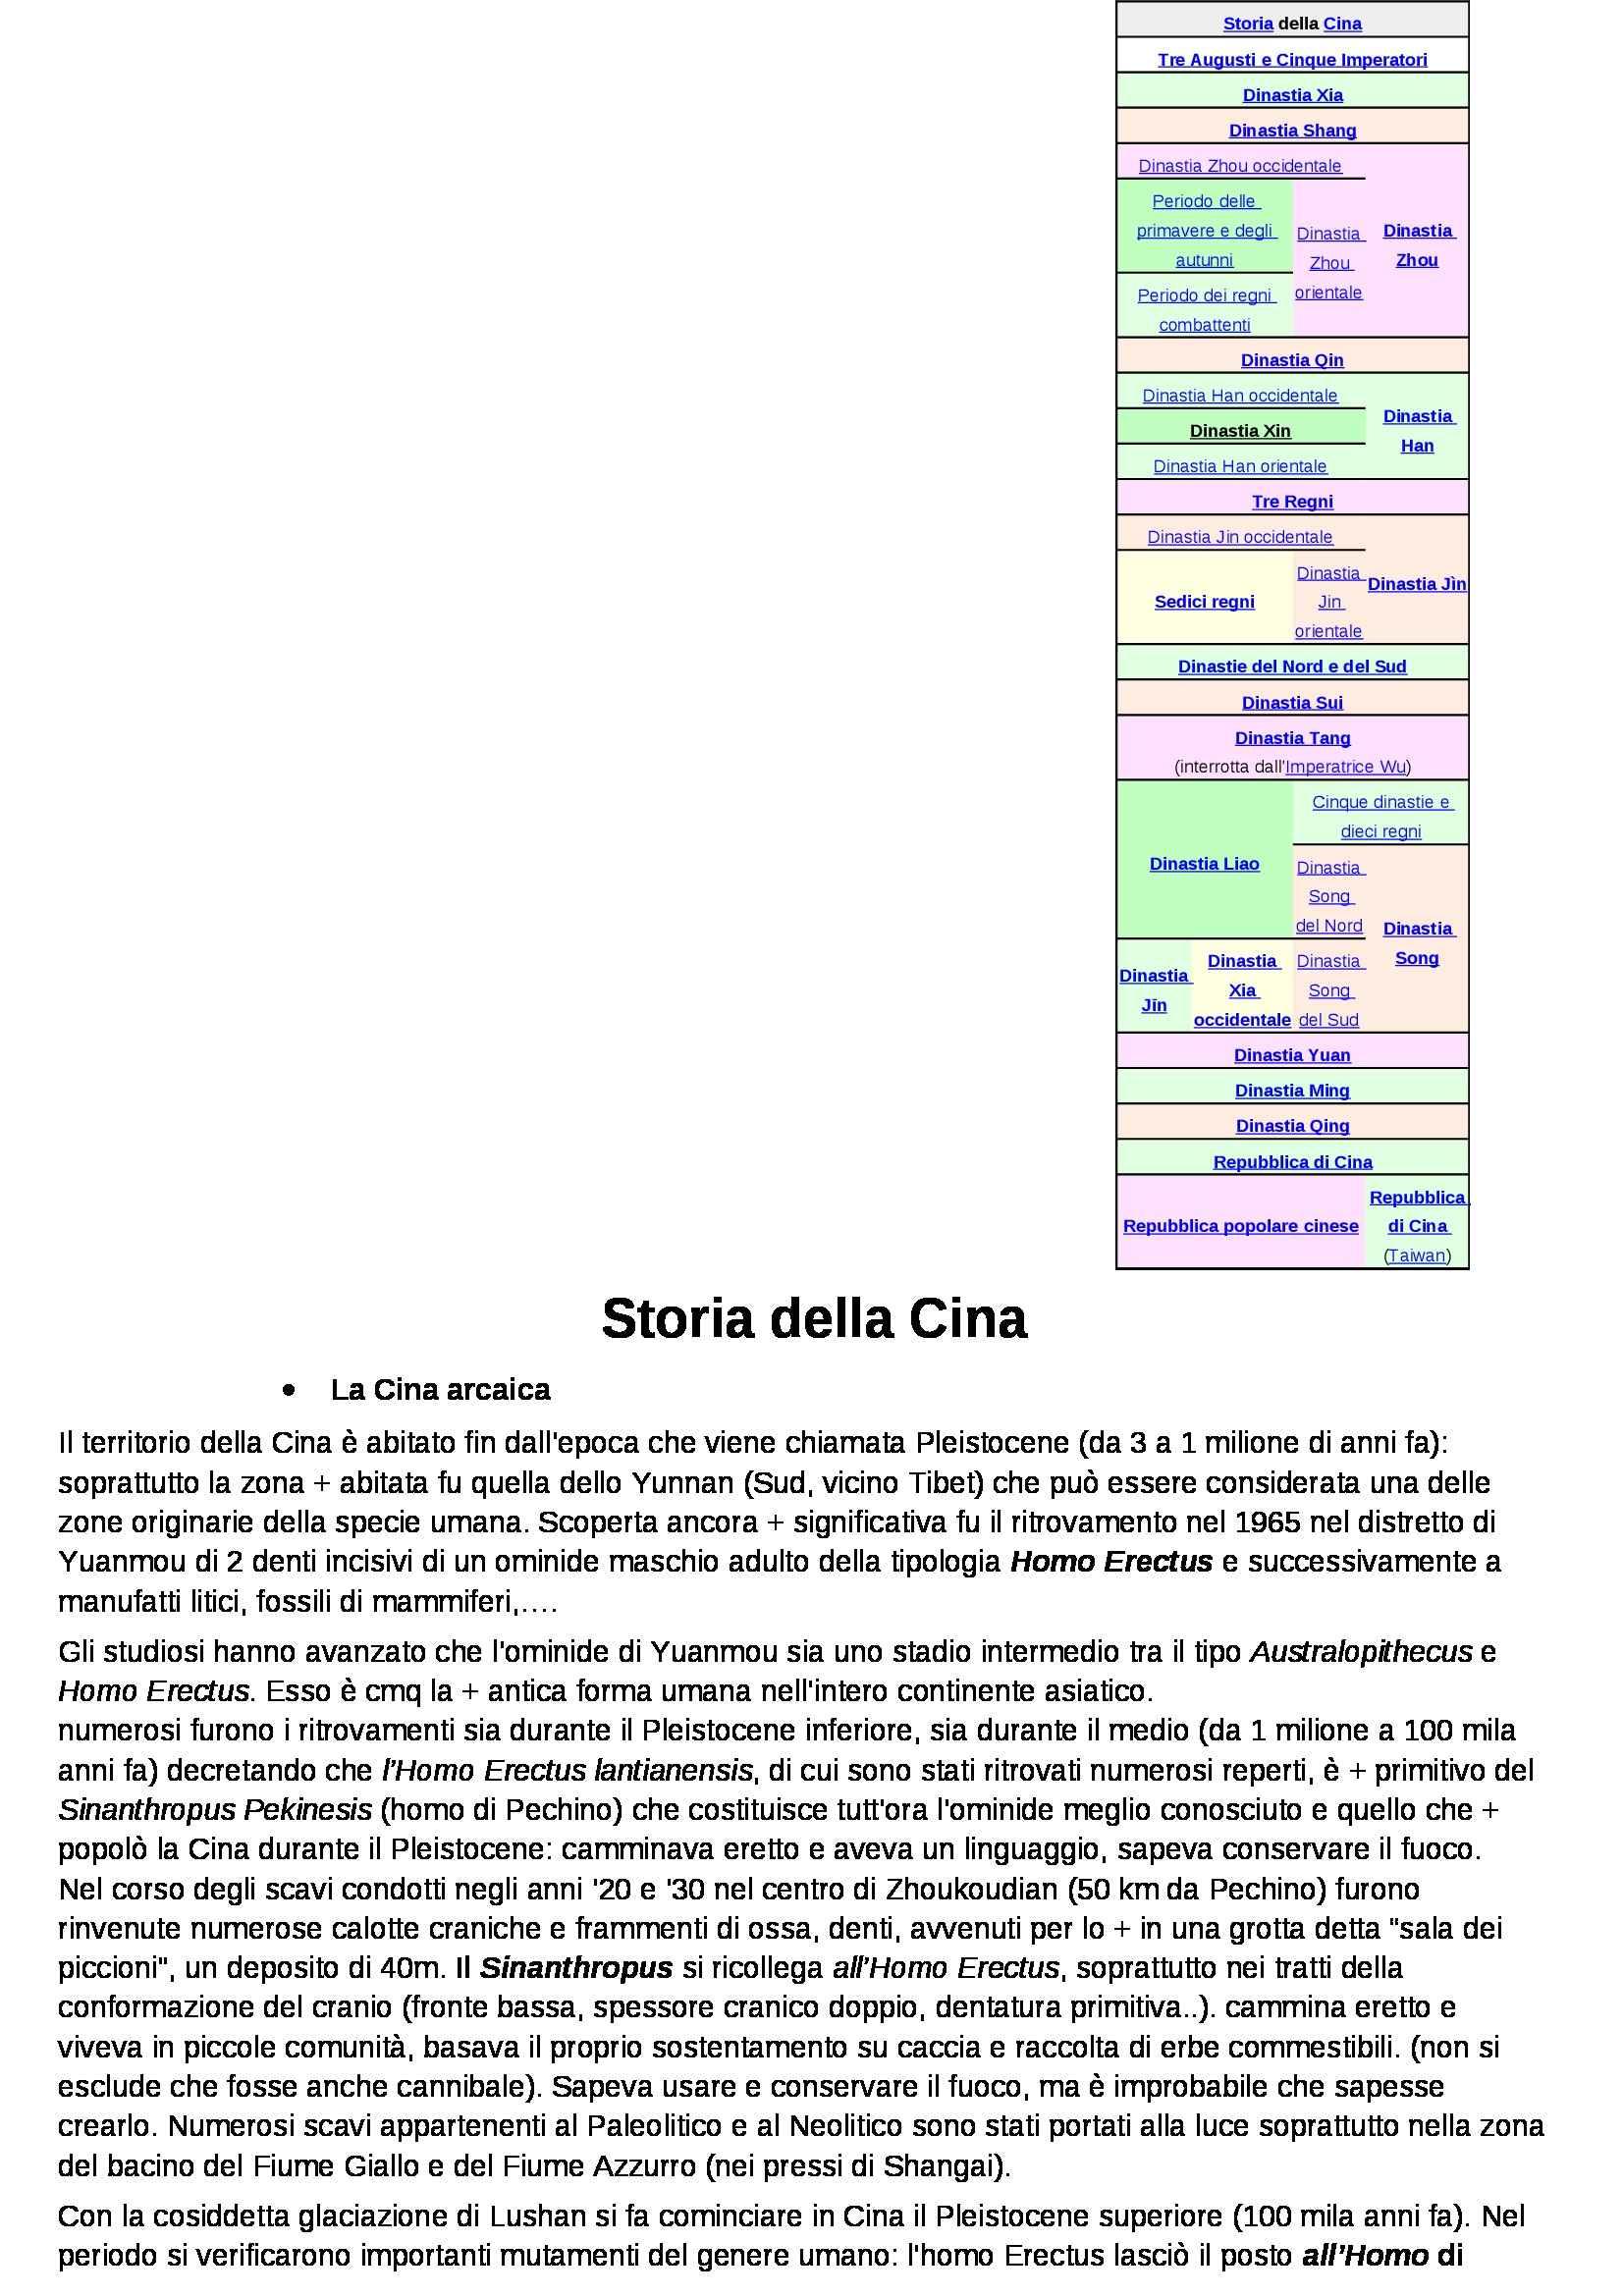 Storia della Cina 1 - Appunti